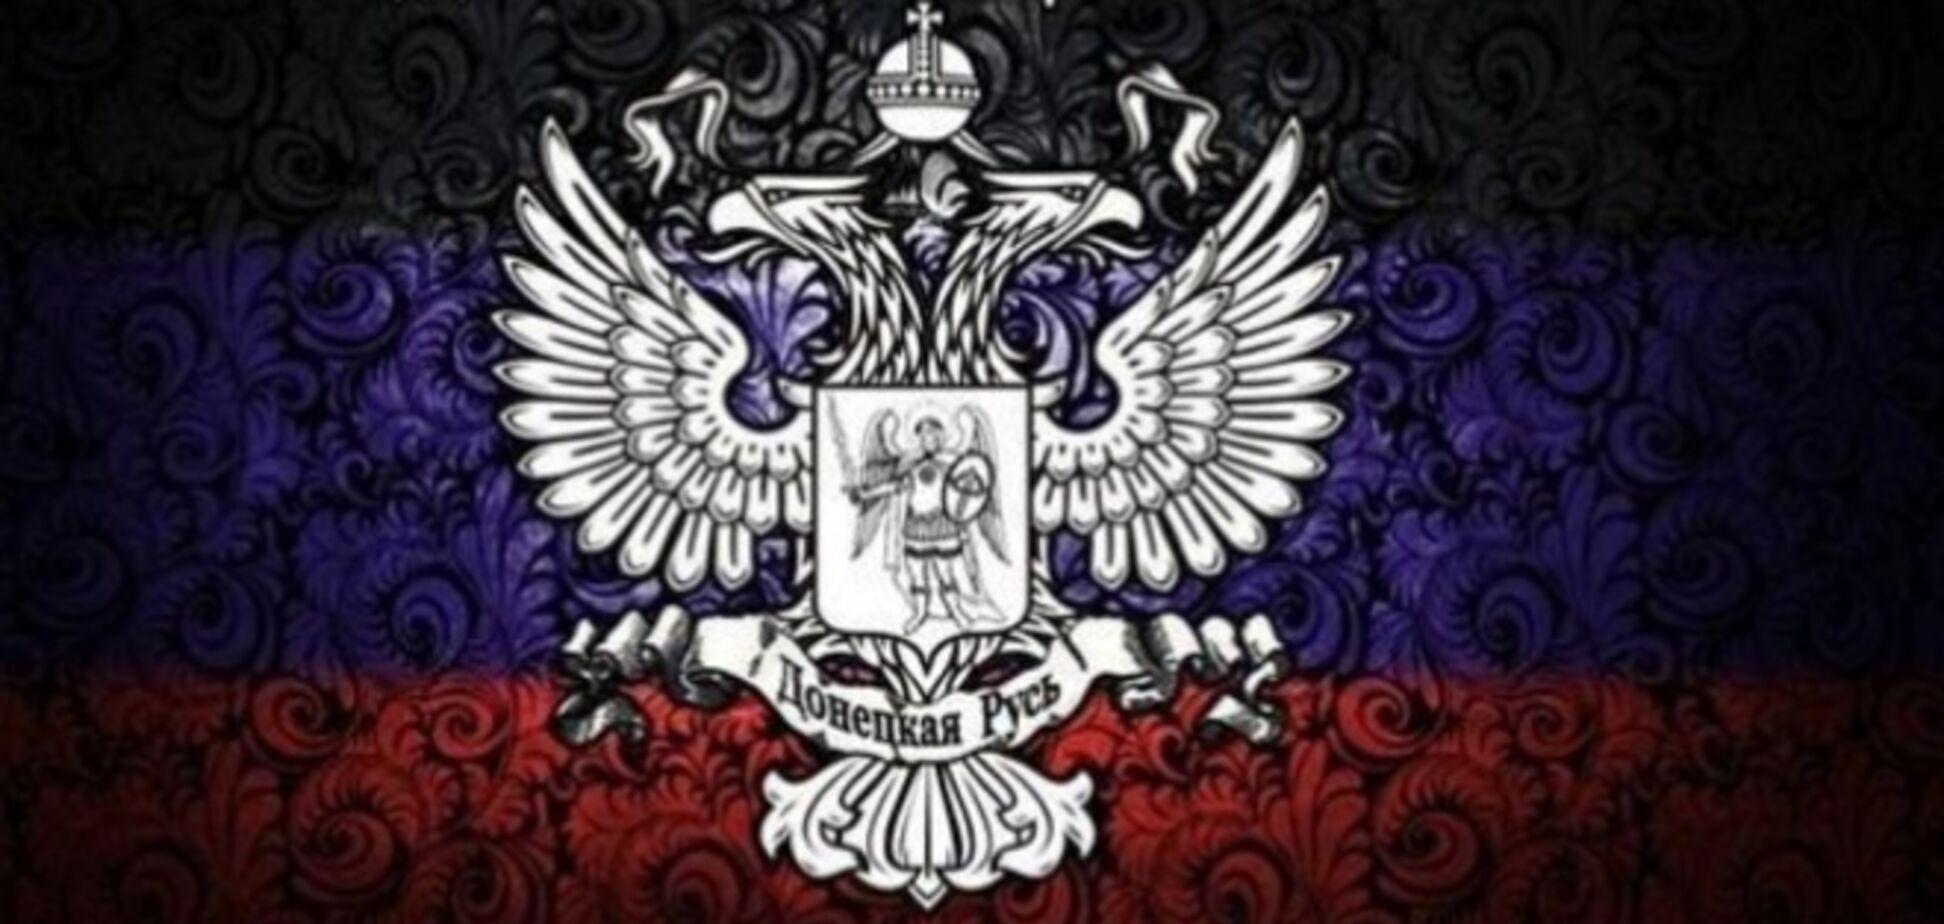 Хостинг для сайта ДНР предоставляет российская компания  - СМИ